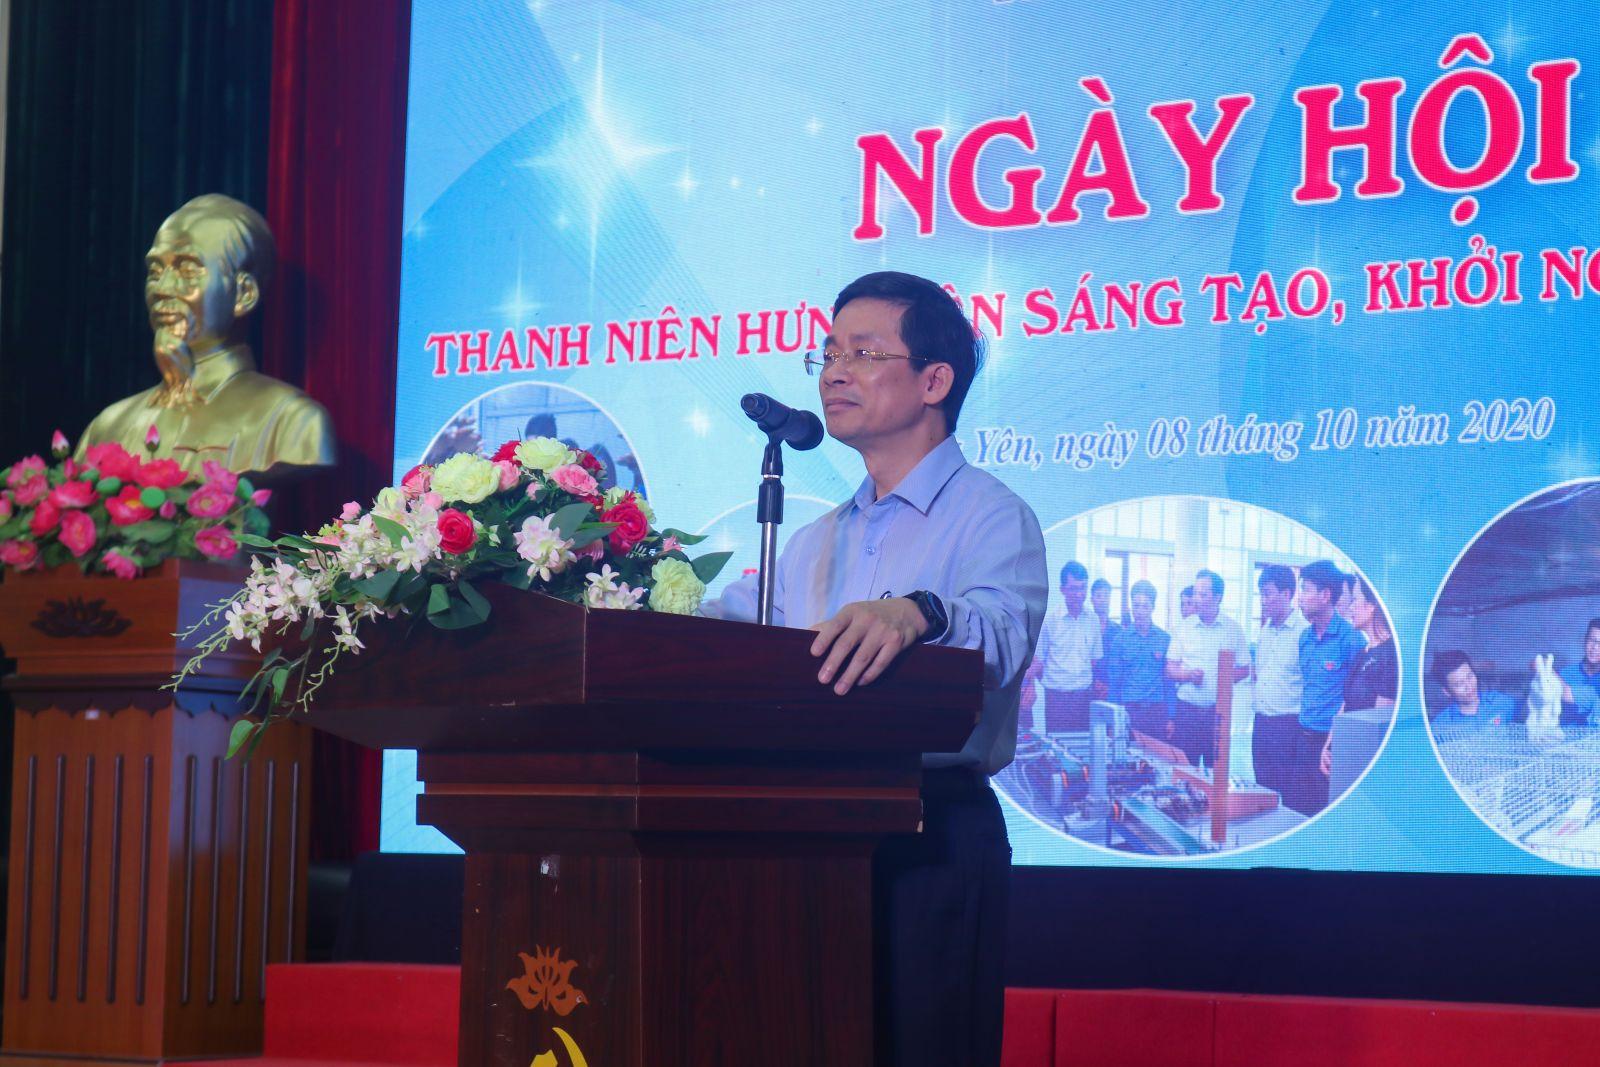 """Sôi nổi các hoạt động tại """"Ngày hội thanh niên Hưng Yên sáng tạo,  khởi nghiệp"""" năm 2020"""